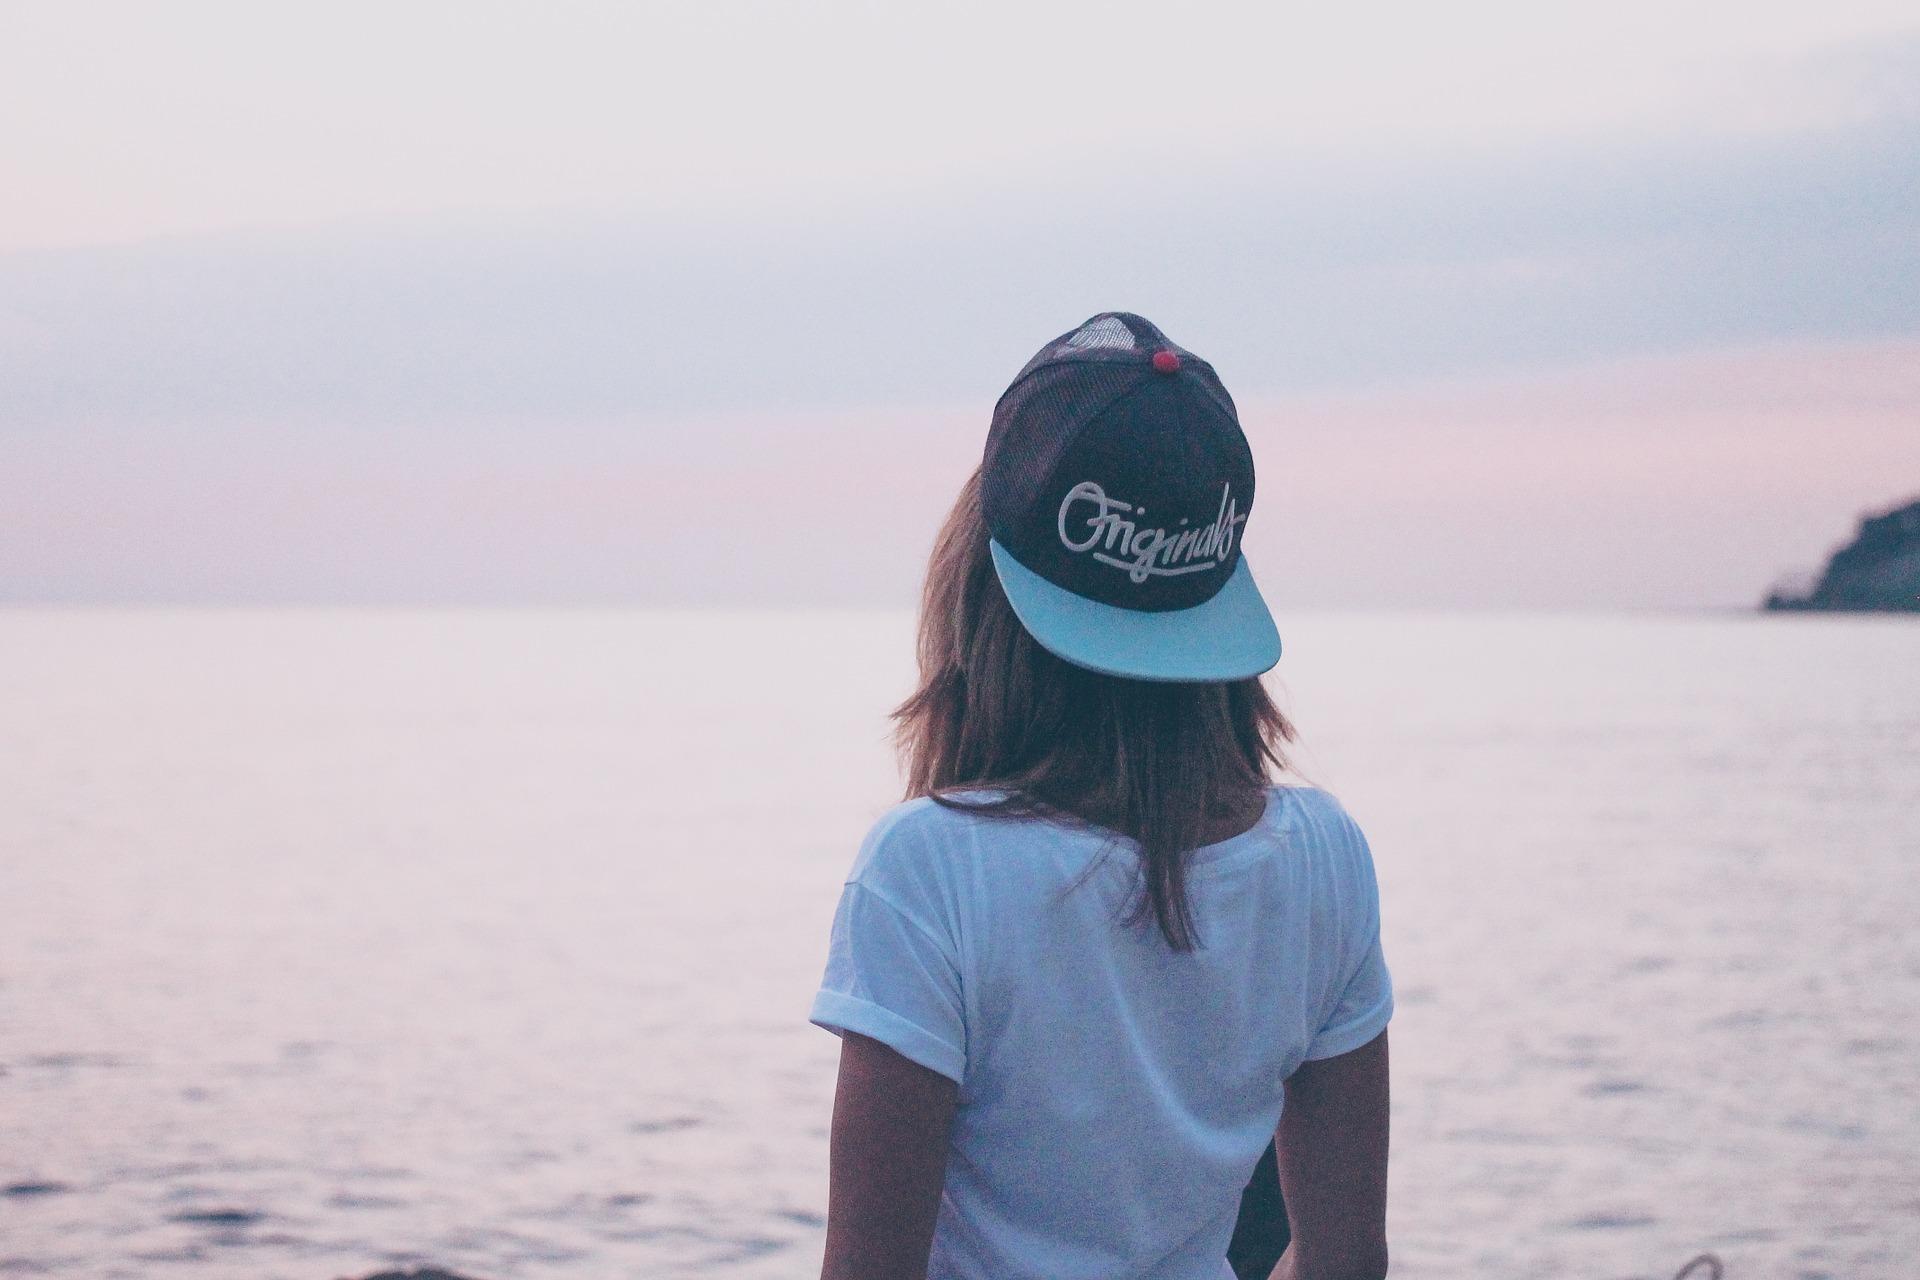 女人, 海, 帽, 水, 天空, 返回 - 高清壁纸 - 教授-falken.com